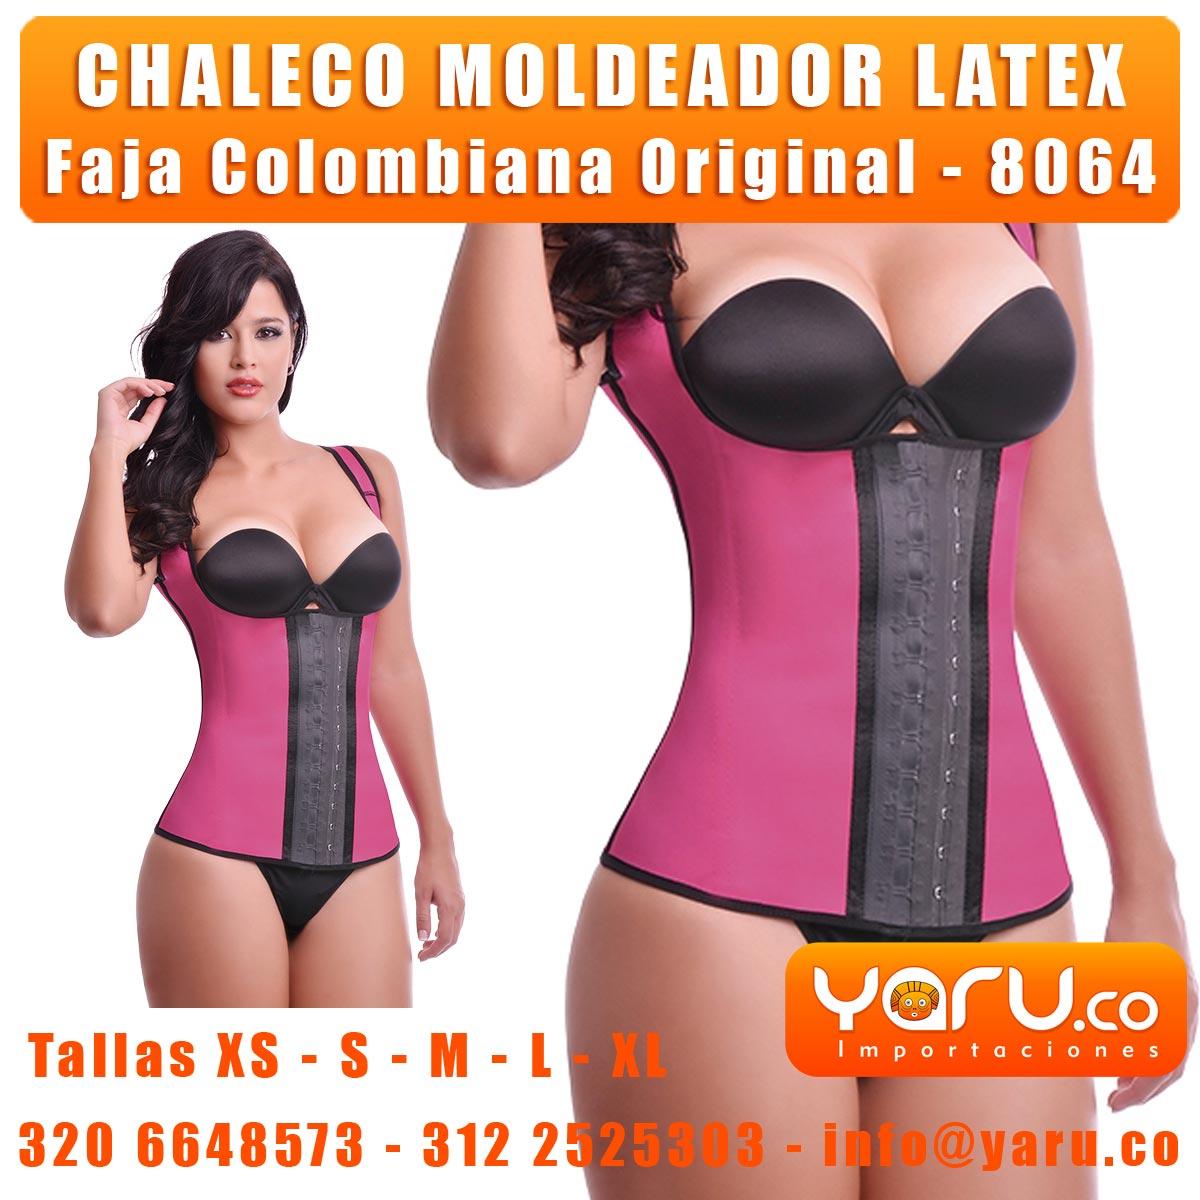 Chaleco Moldeador Latex. Chaleco Moldeador Latex. Chaleco Moldeador Latex.  Chaleco Moldeador Latex. Yaru Fabrica de Fajas Colombianas ... 3c09ab7611471